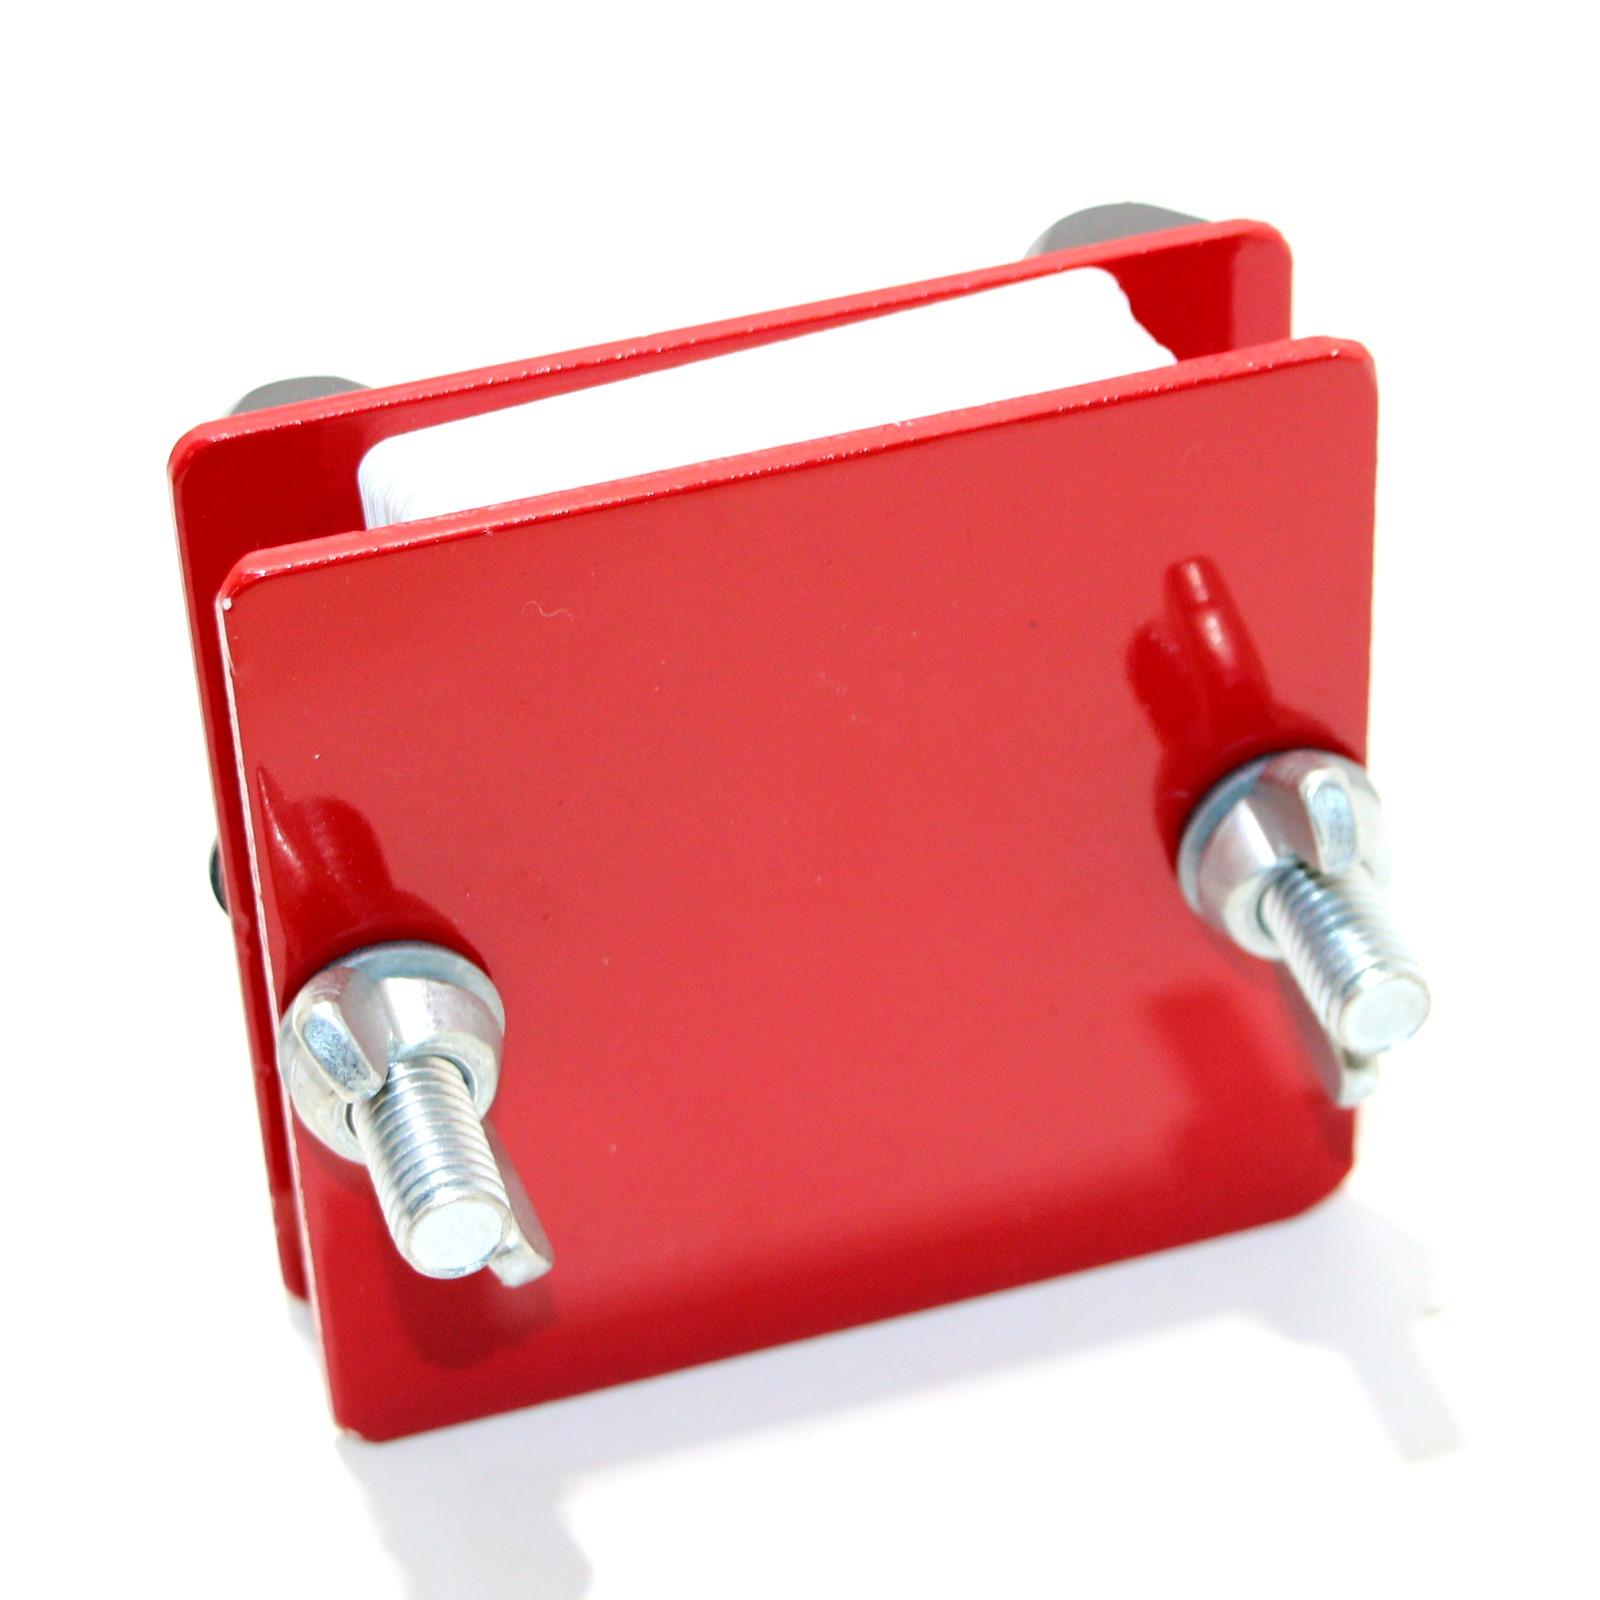 Aluminum Card Press by Mak Magic